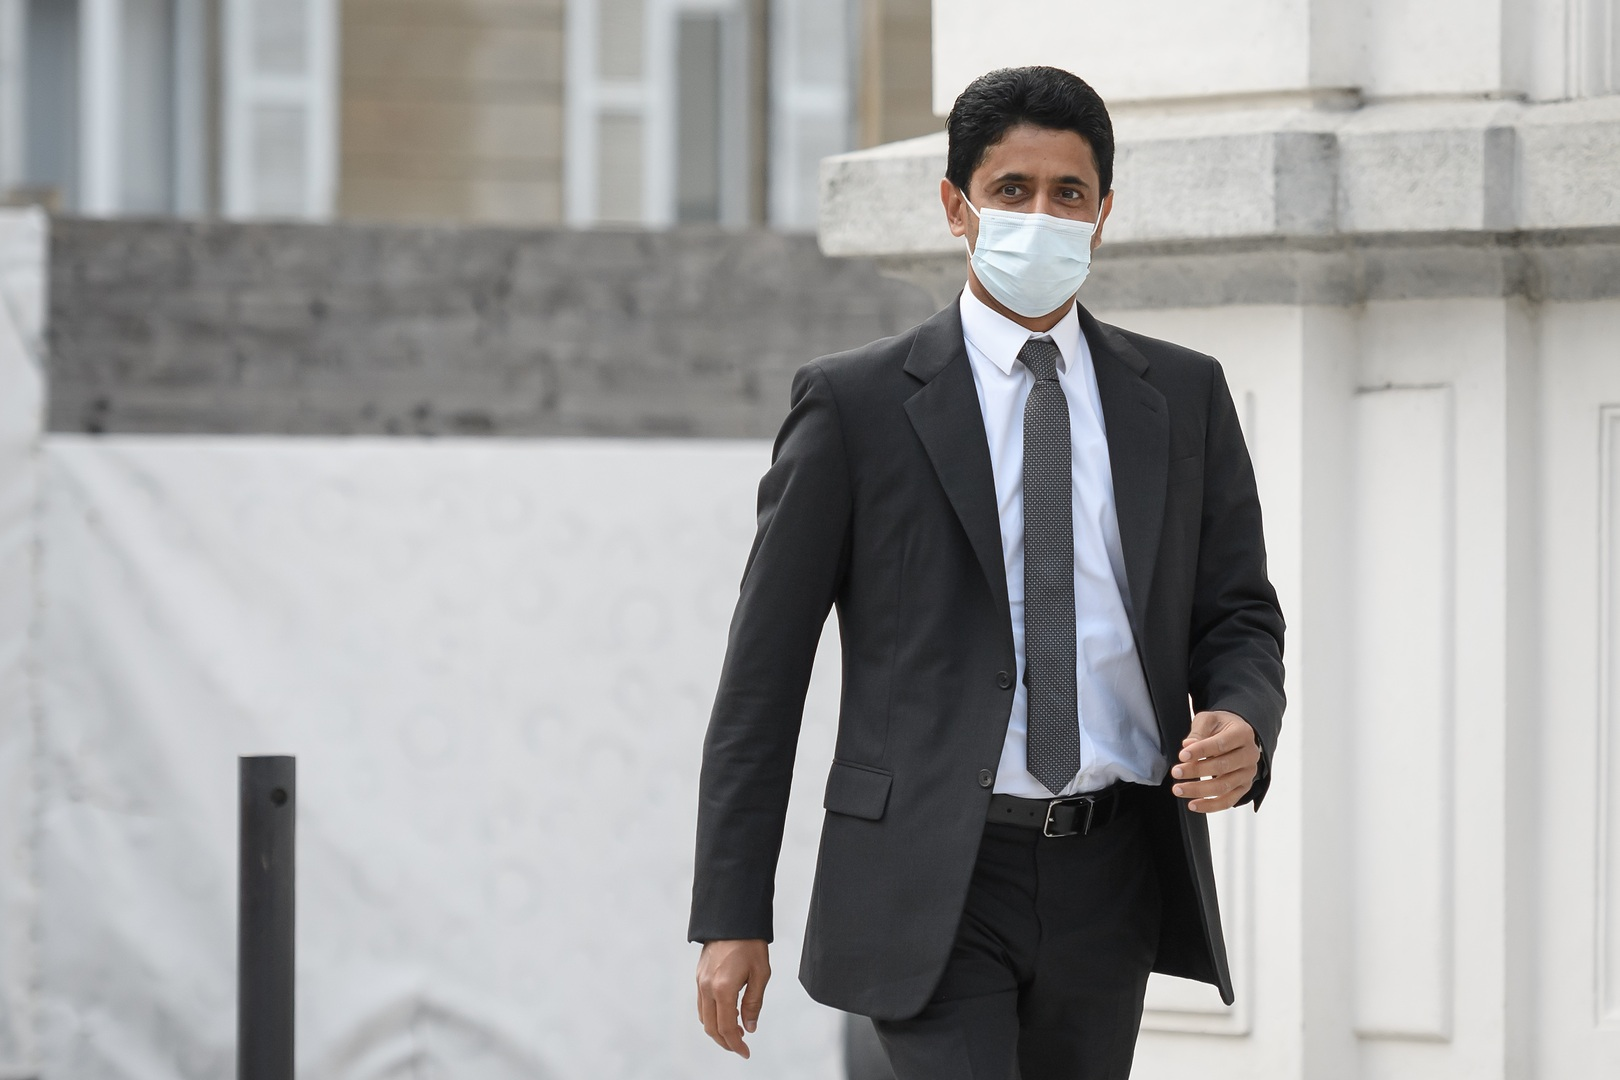 القطري الخليفي يضطر للكشف عن راتبه وثروته أمام القضاء السويسري